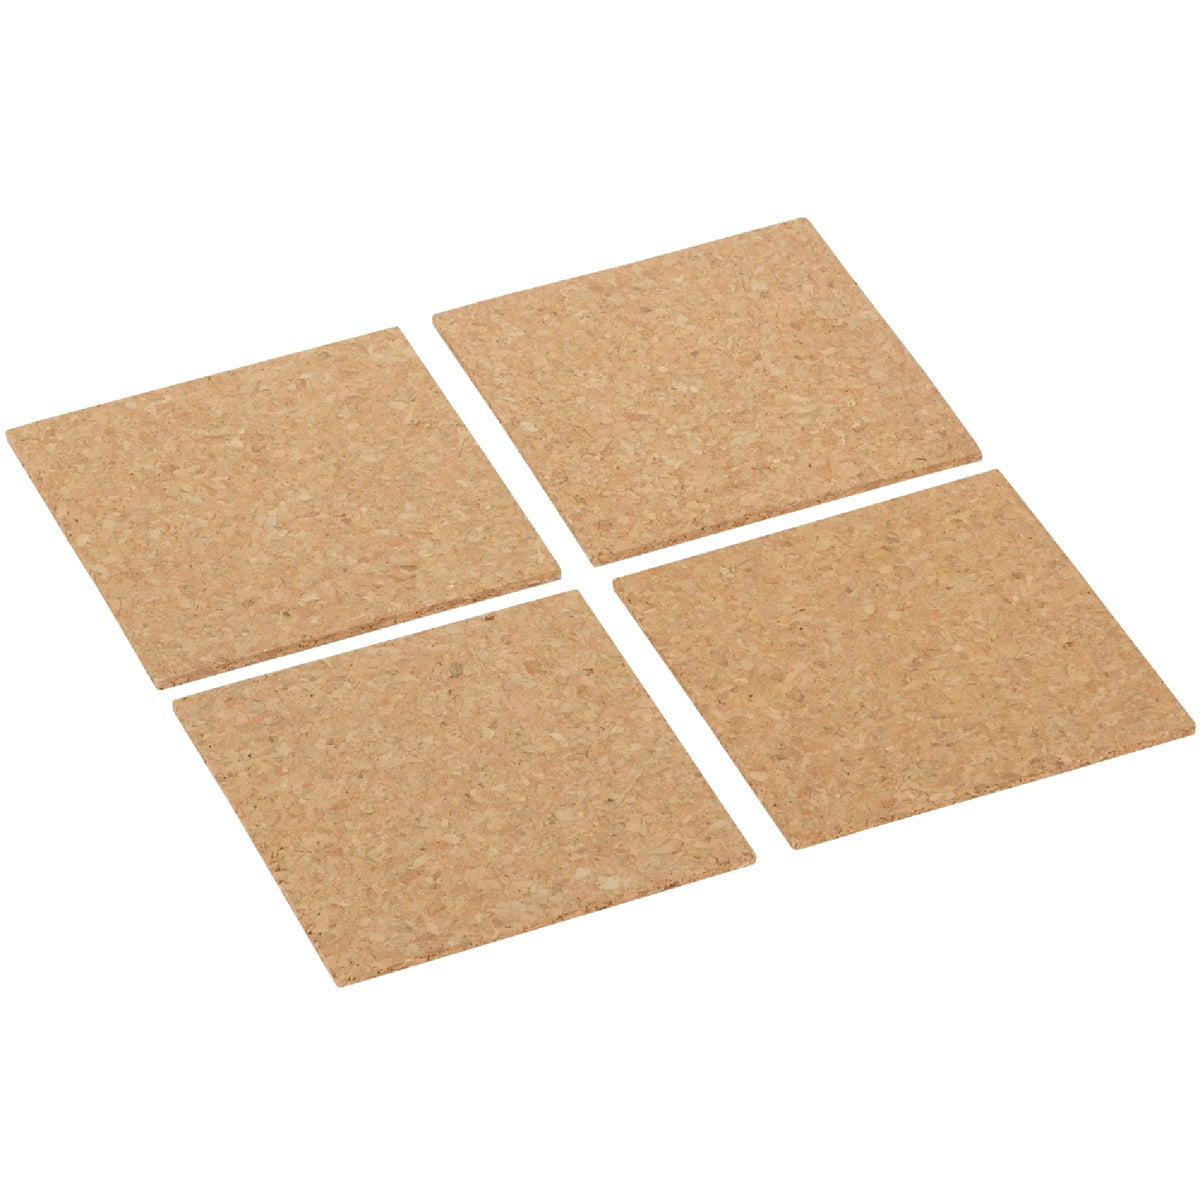 6X6 Light Tile Cork